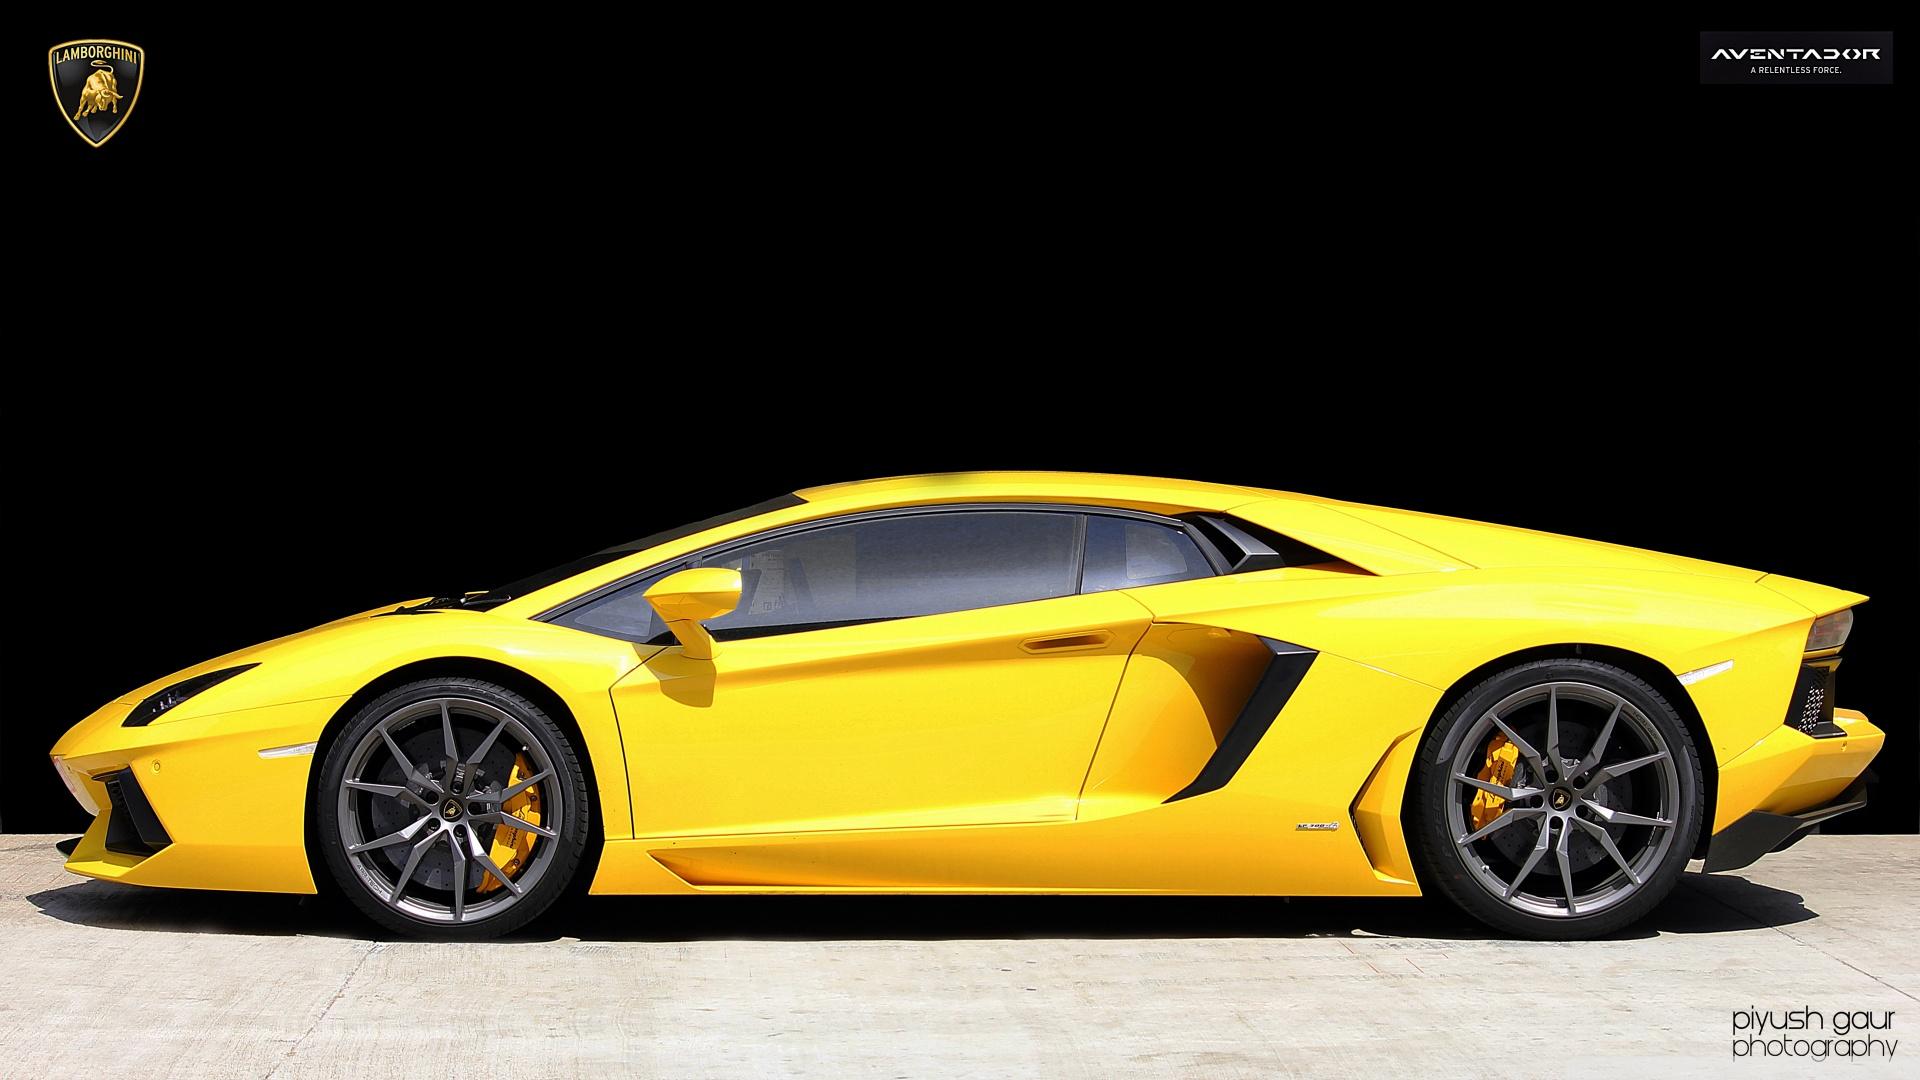 Lamborghini Car Hd Wallpaper For Mobile Lamborghini Aventador 4k Hd Desktop Wallpaper For 4k Ultra